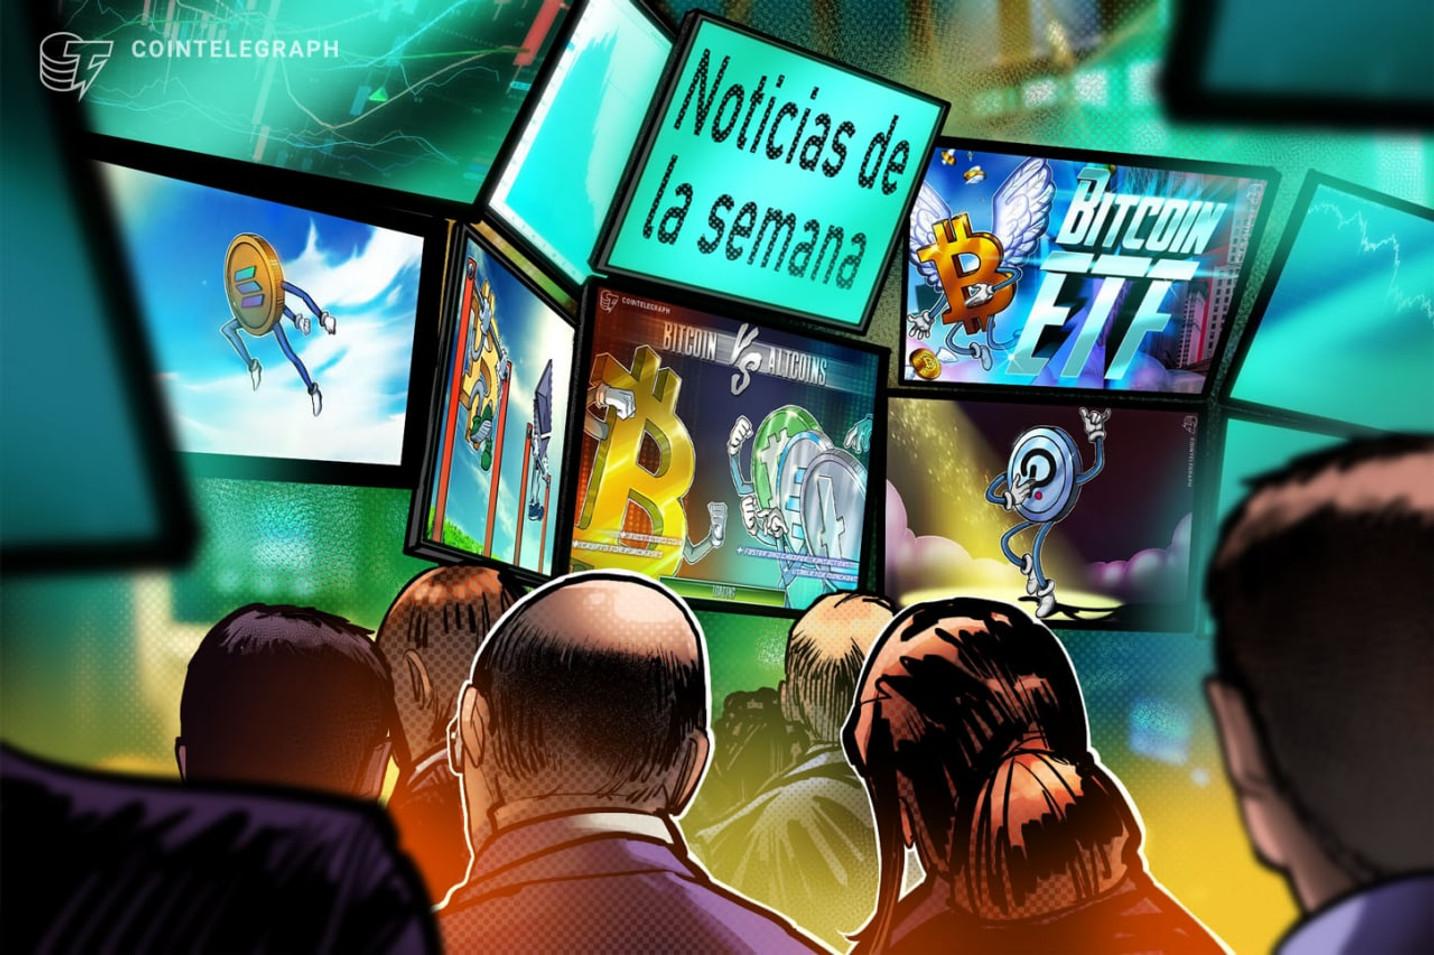 Top criptonoticias de la semana: La quema de Solana, Ethereum subiendo frente a Bitcoin, ETF de Bitcoin y mucho más